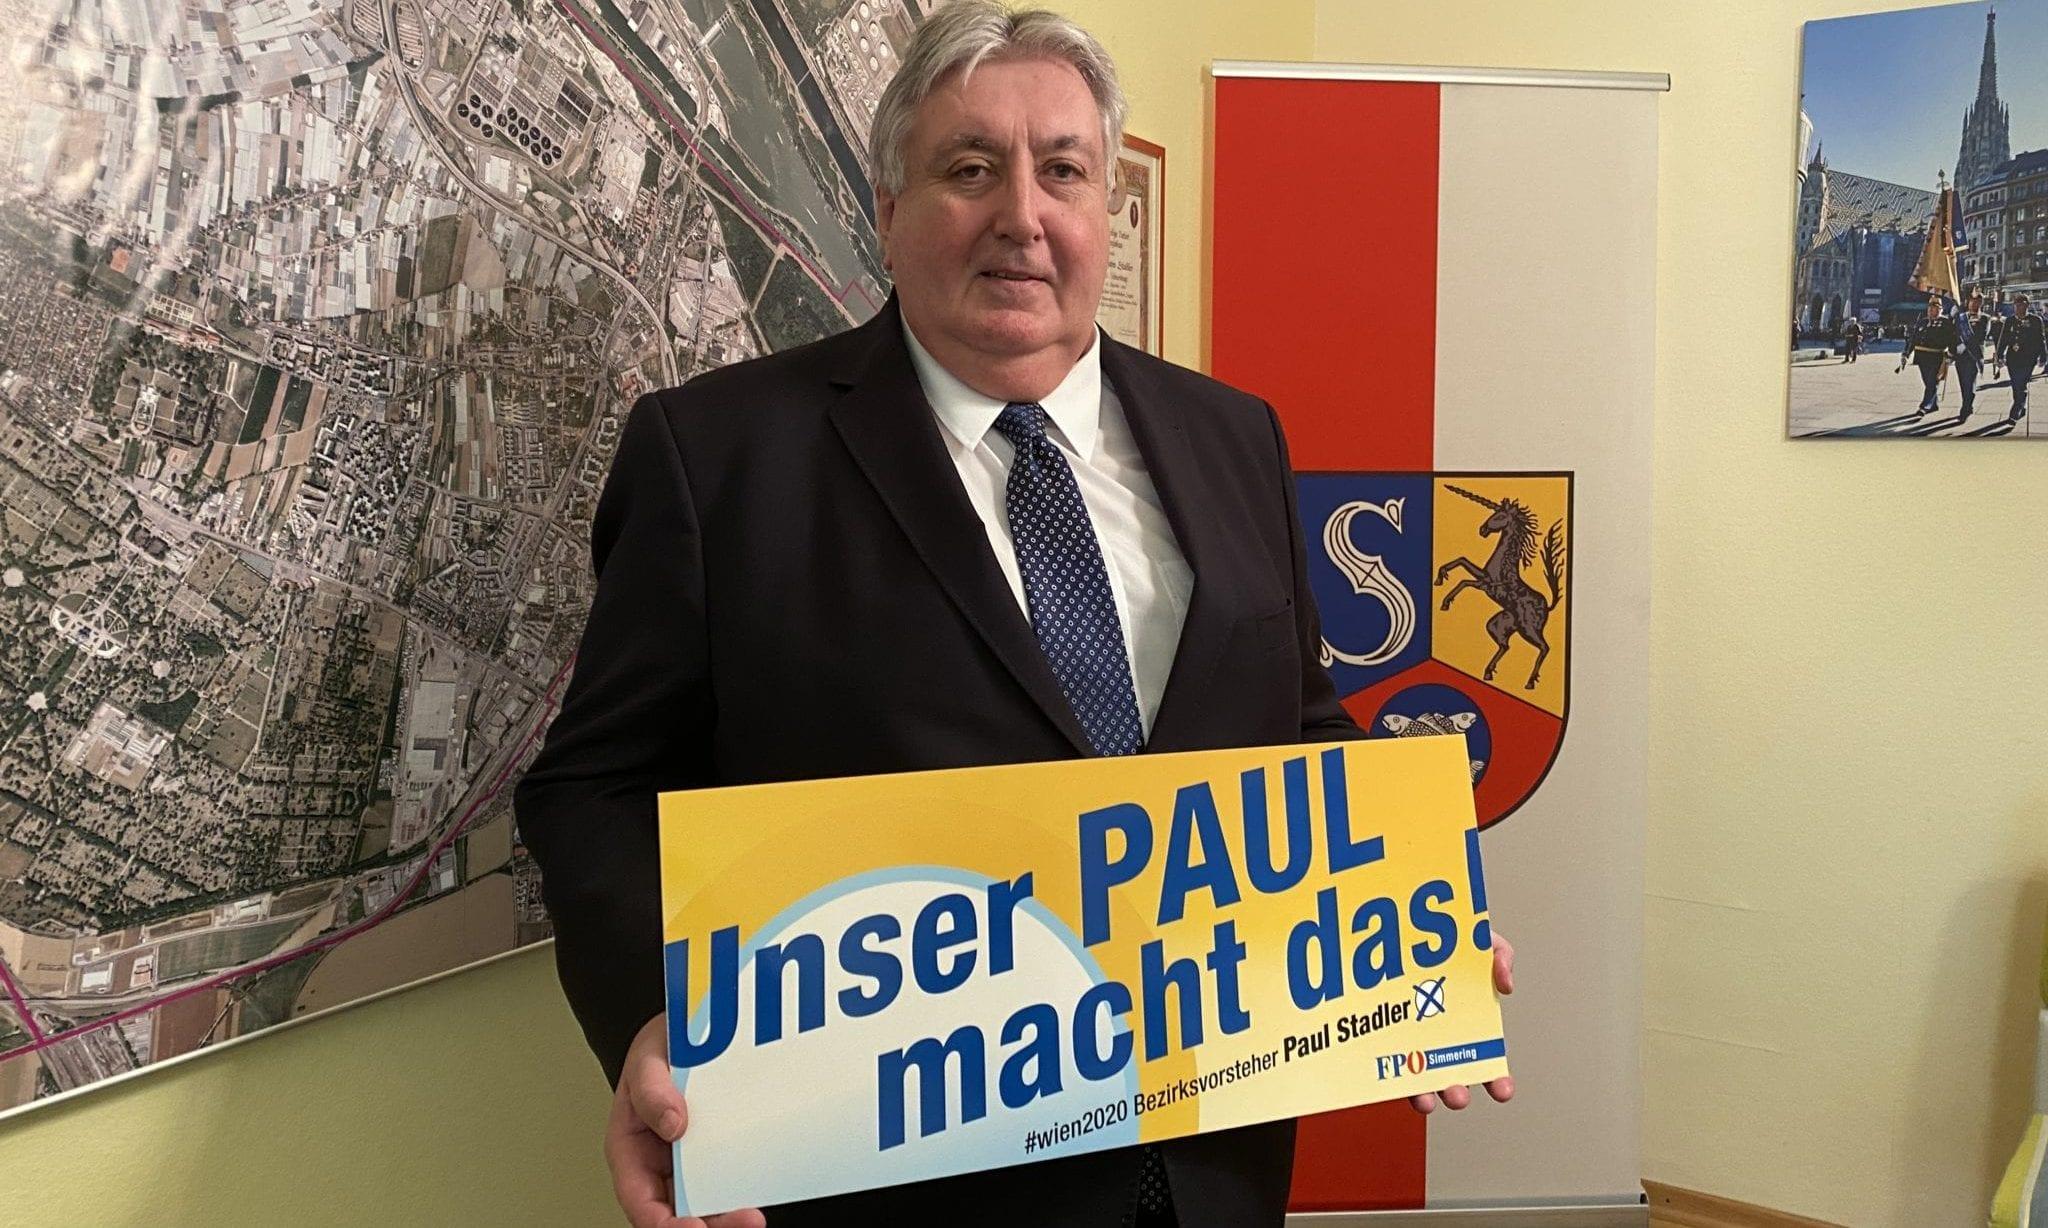 Bezirksvorsteher Paul Stadler